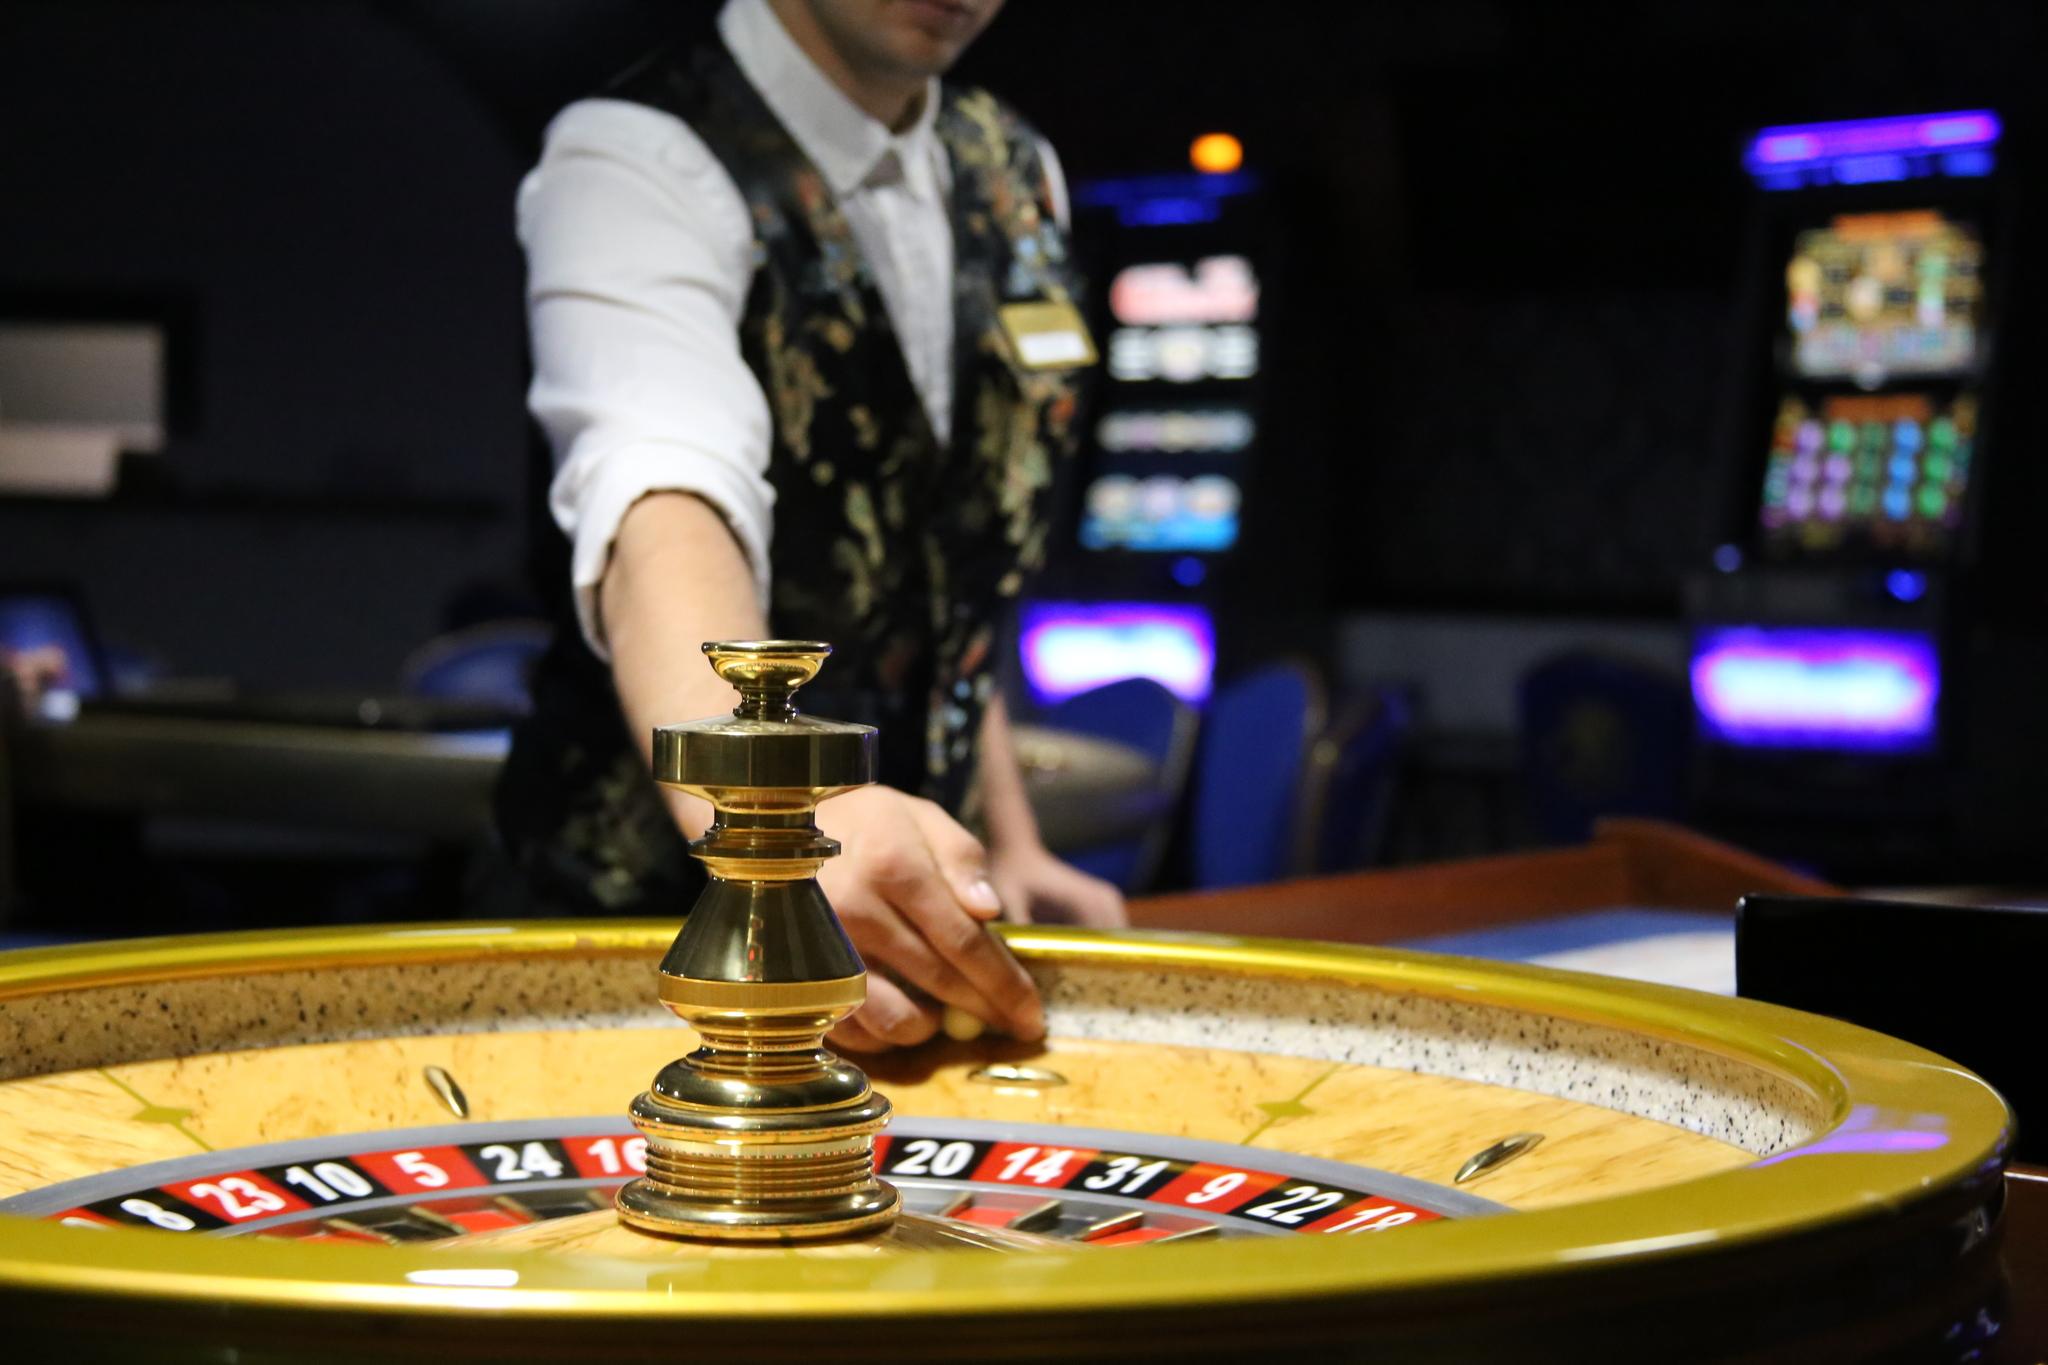 Техники ставок в казино смотреть покер онлайн большая игра